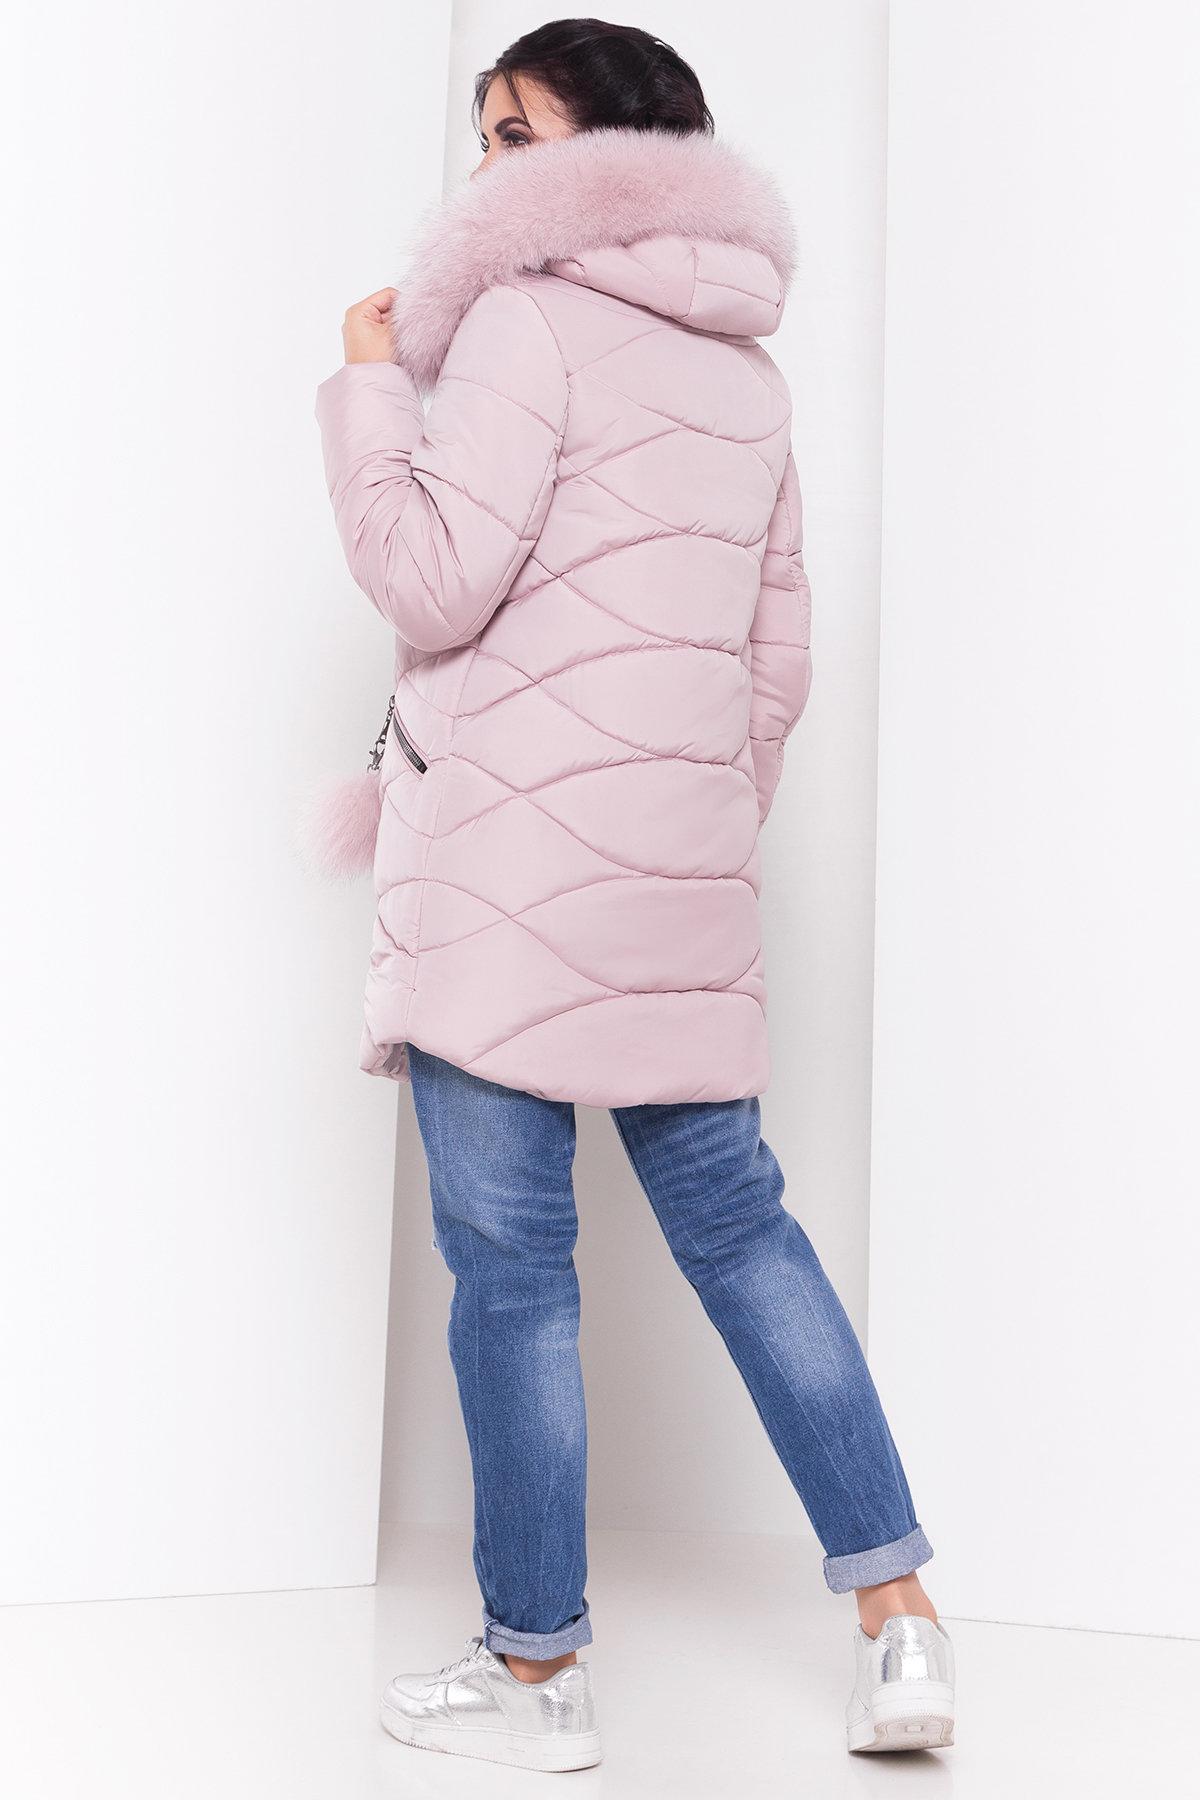 Пуховик с капюшоном Ингрид 3267 АРТ. 16793 Цвет: Серо-розовый - фото 3, интернет магазин tm-modus.ru